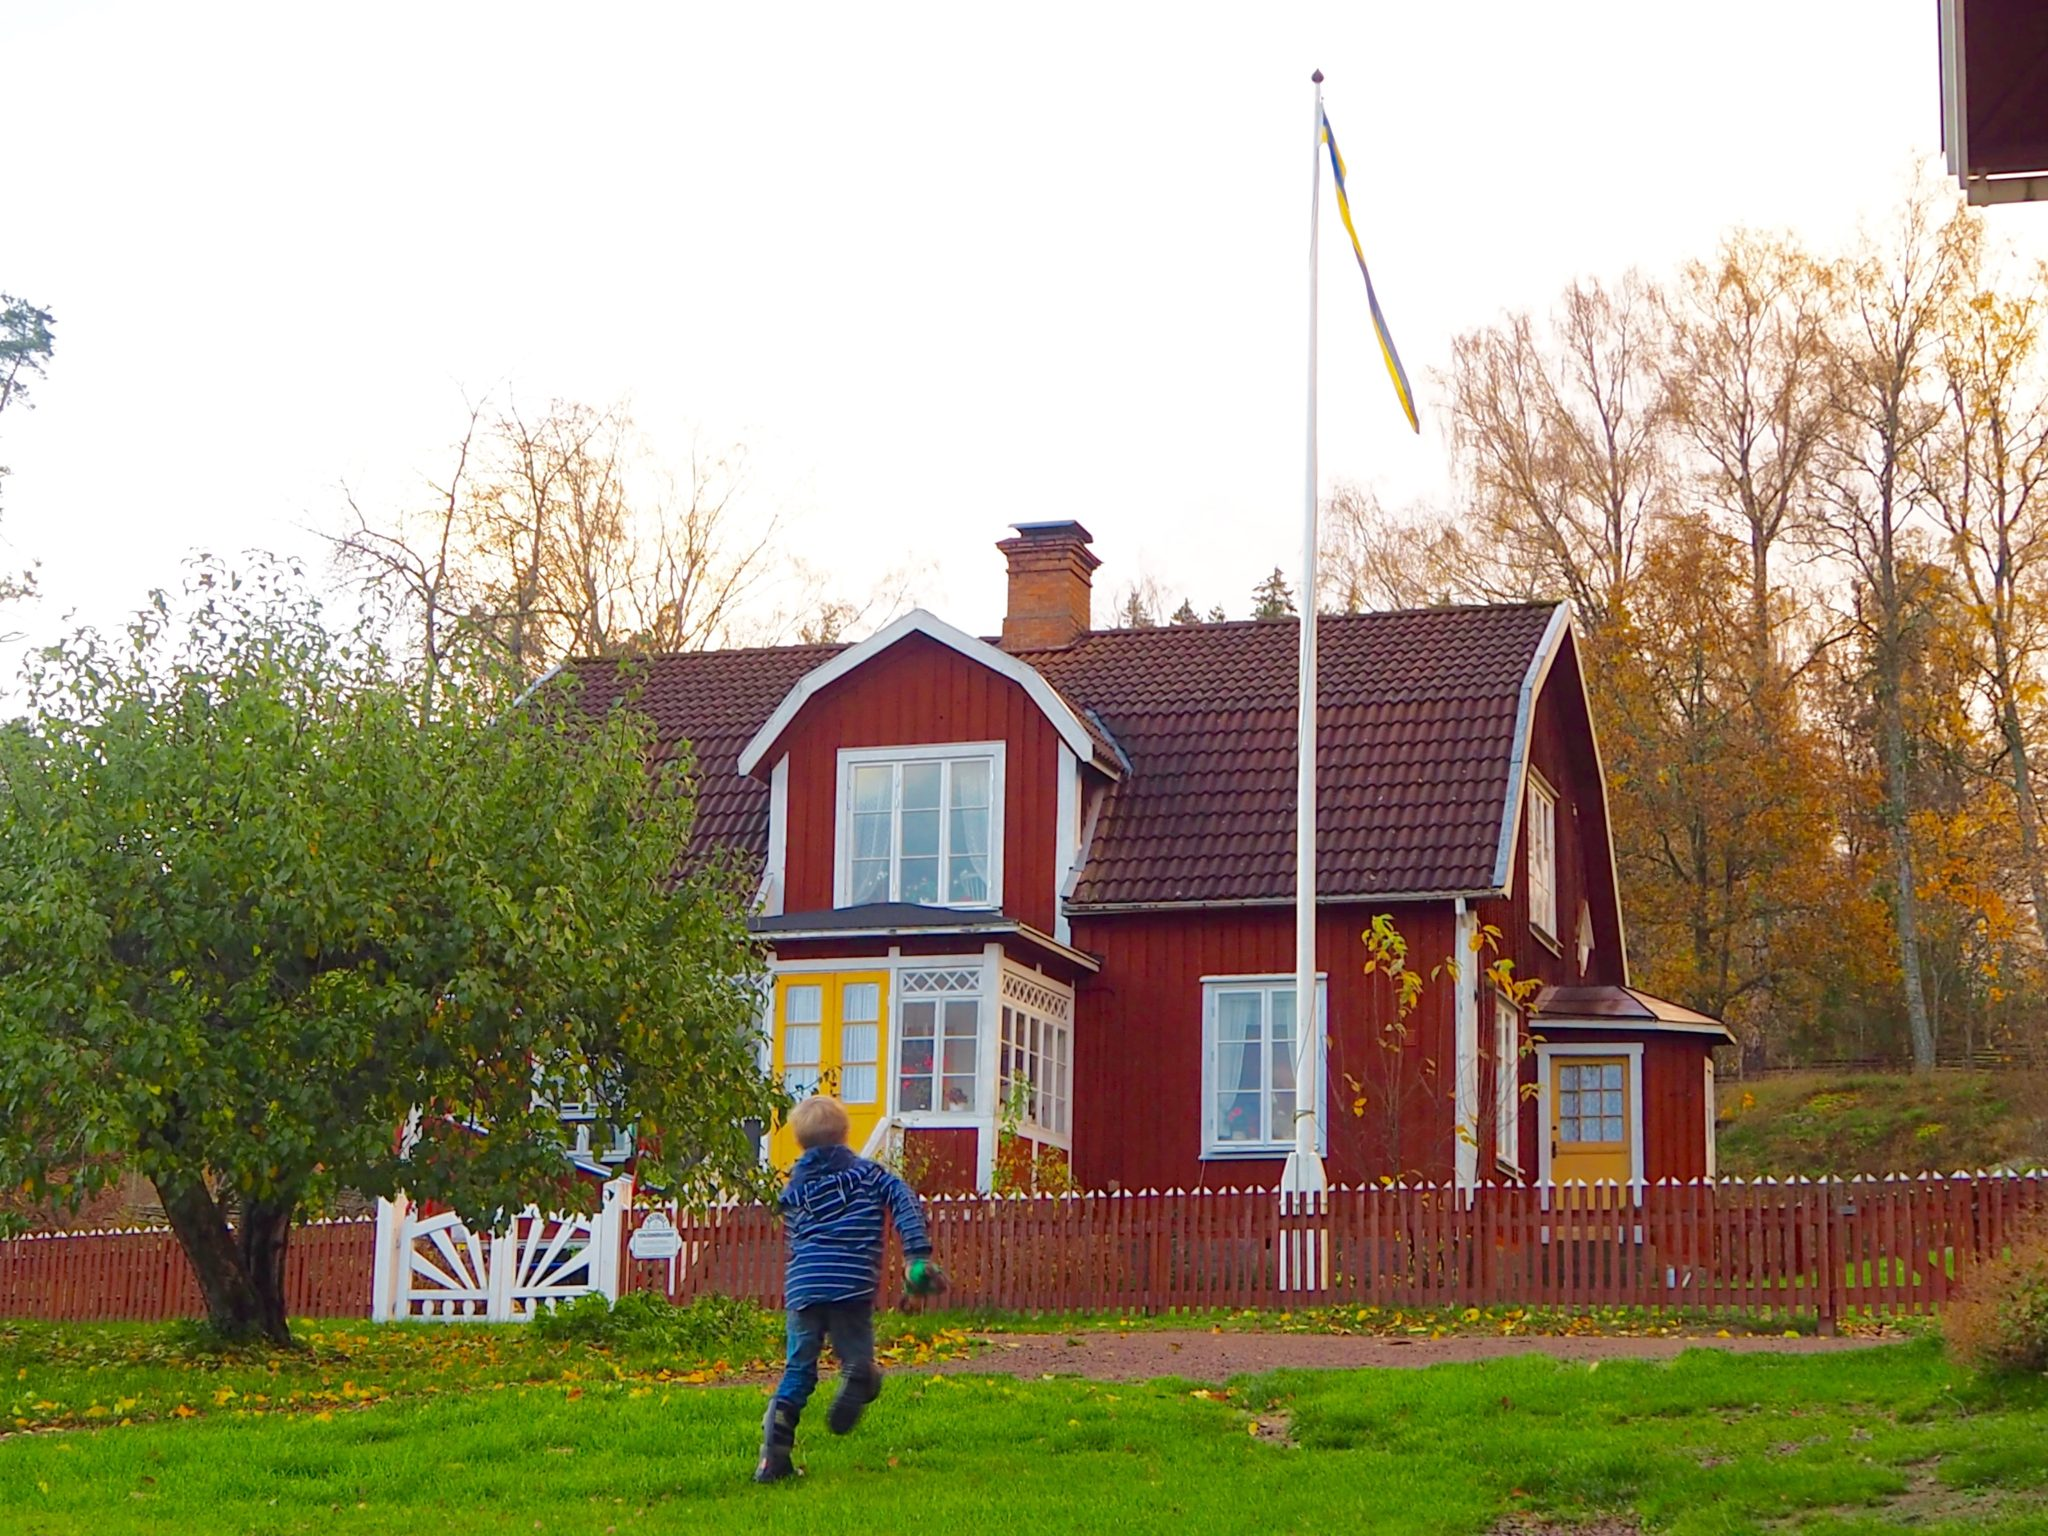 Astrid Lindgren Katthult Schweden Smaland Michel Lönneberga Vimmerby Familienurlaub reisen mit Kindern